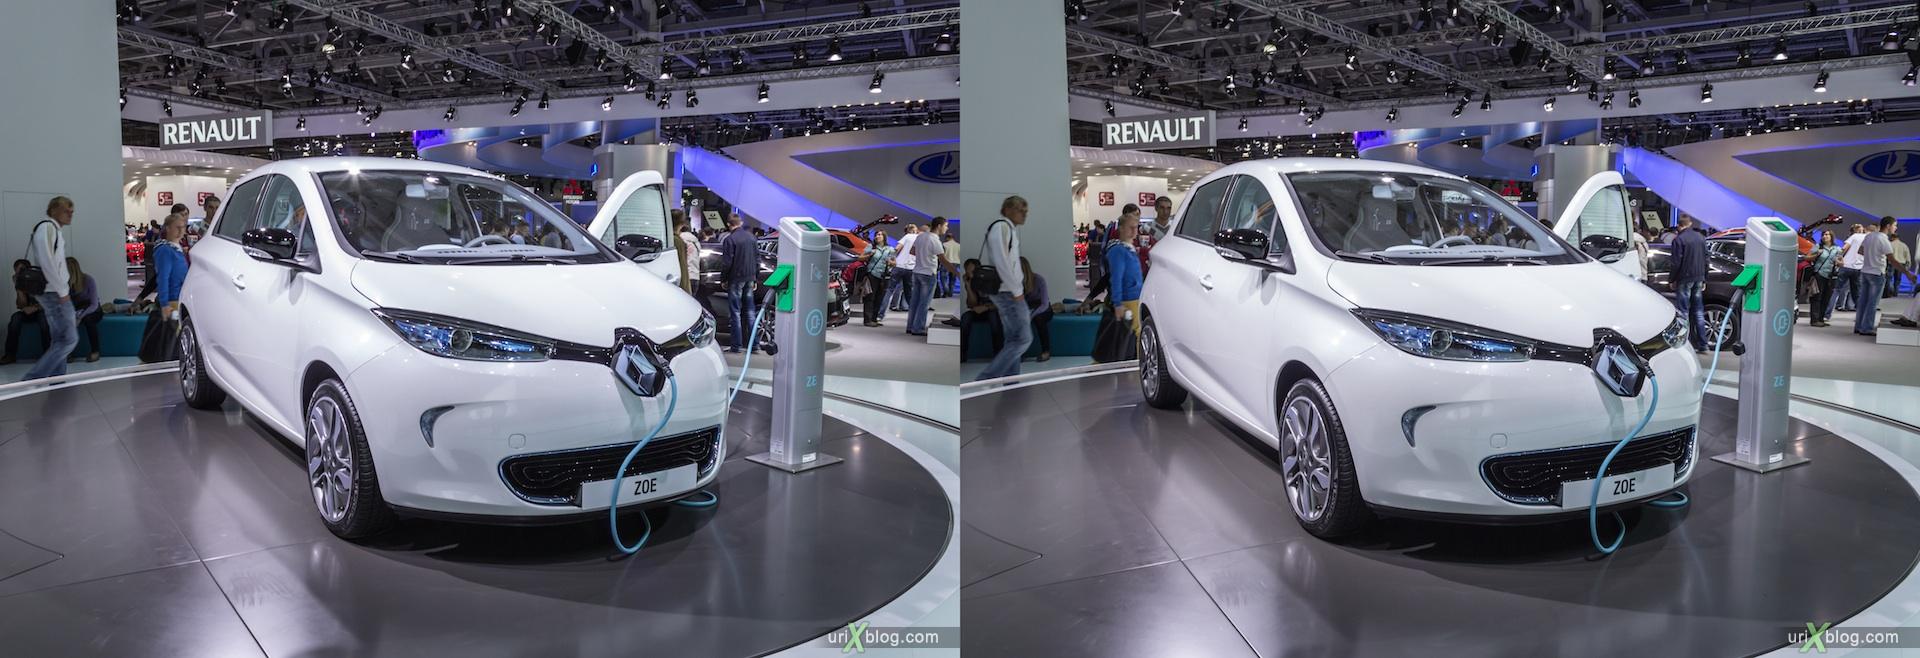 2012, Renault ZOE, Московский международный автомобильный салон, ММАС, Крокус Экспо, 3D, стереопара